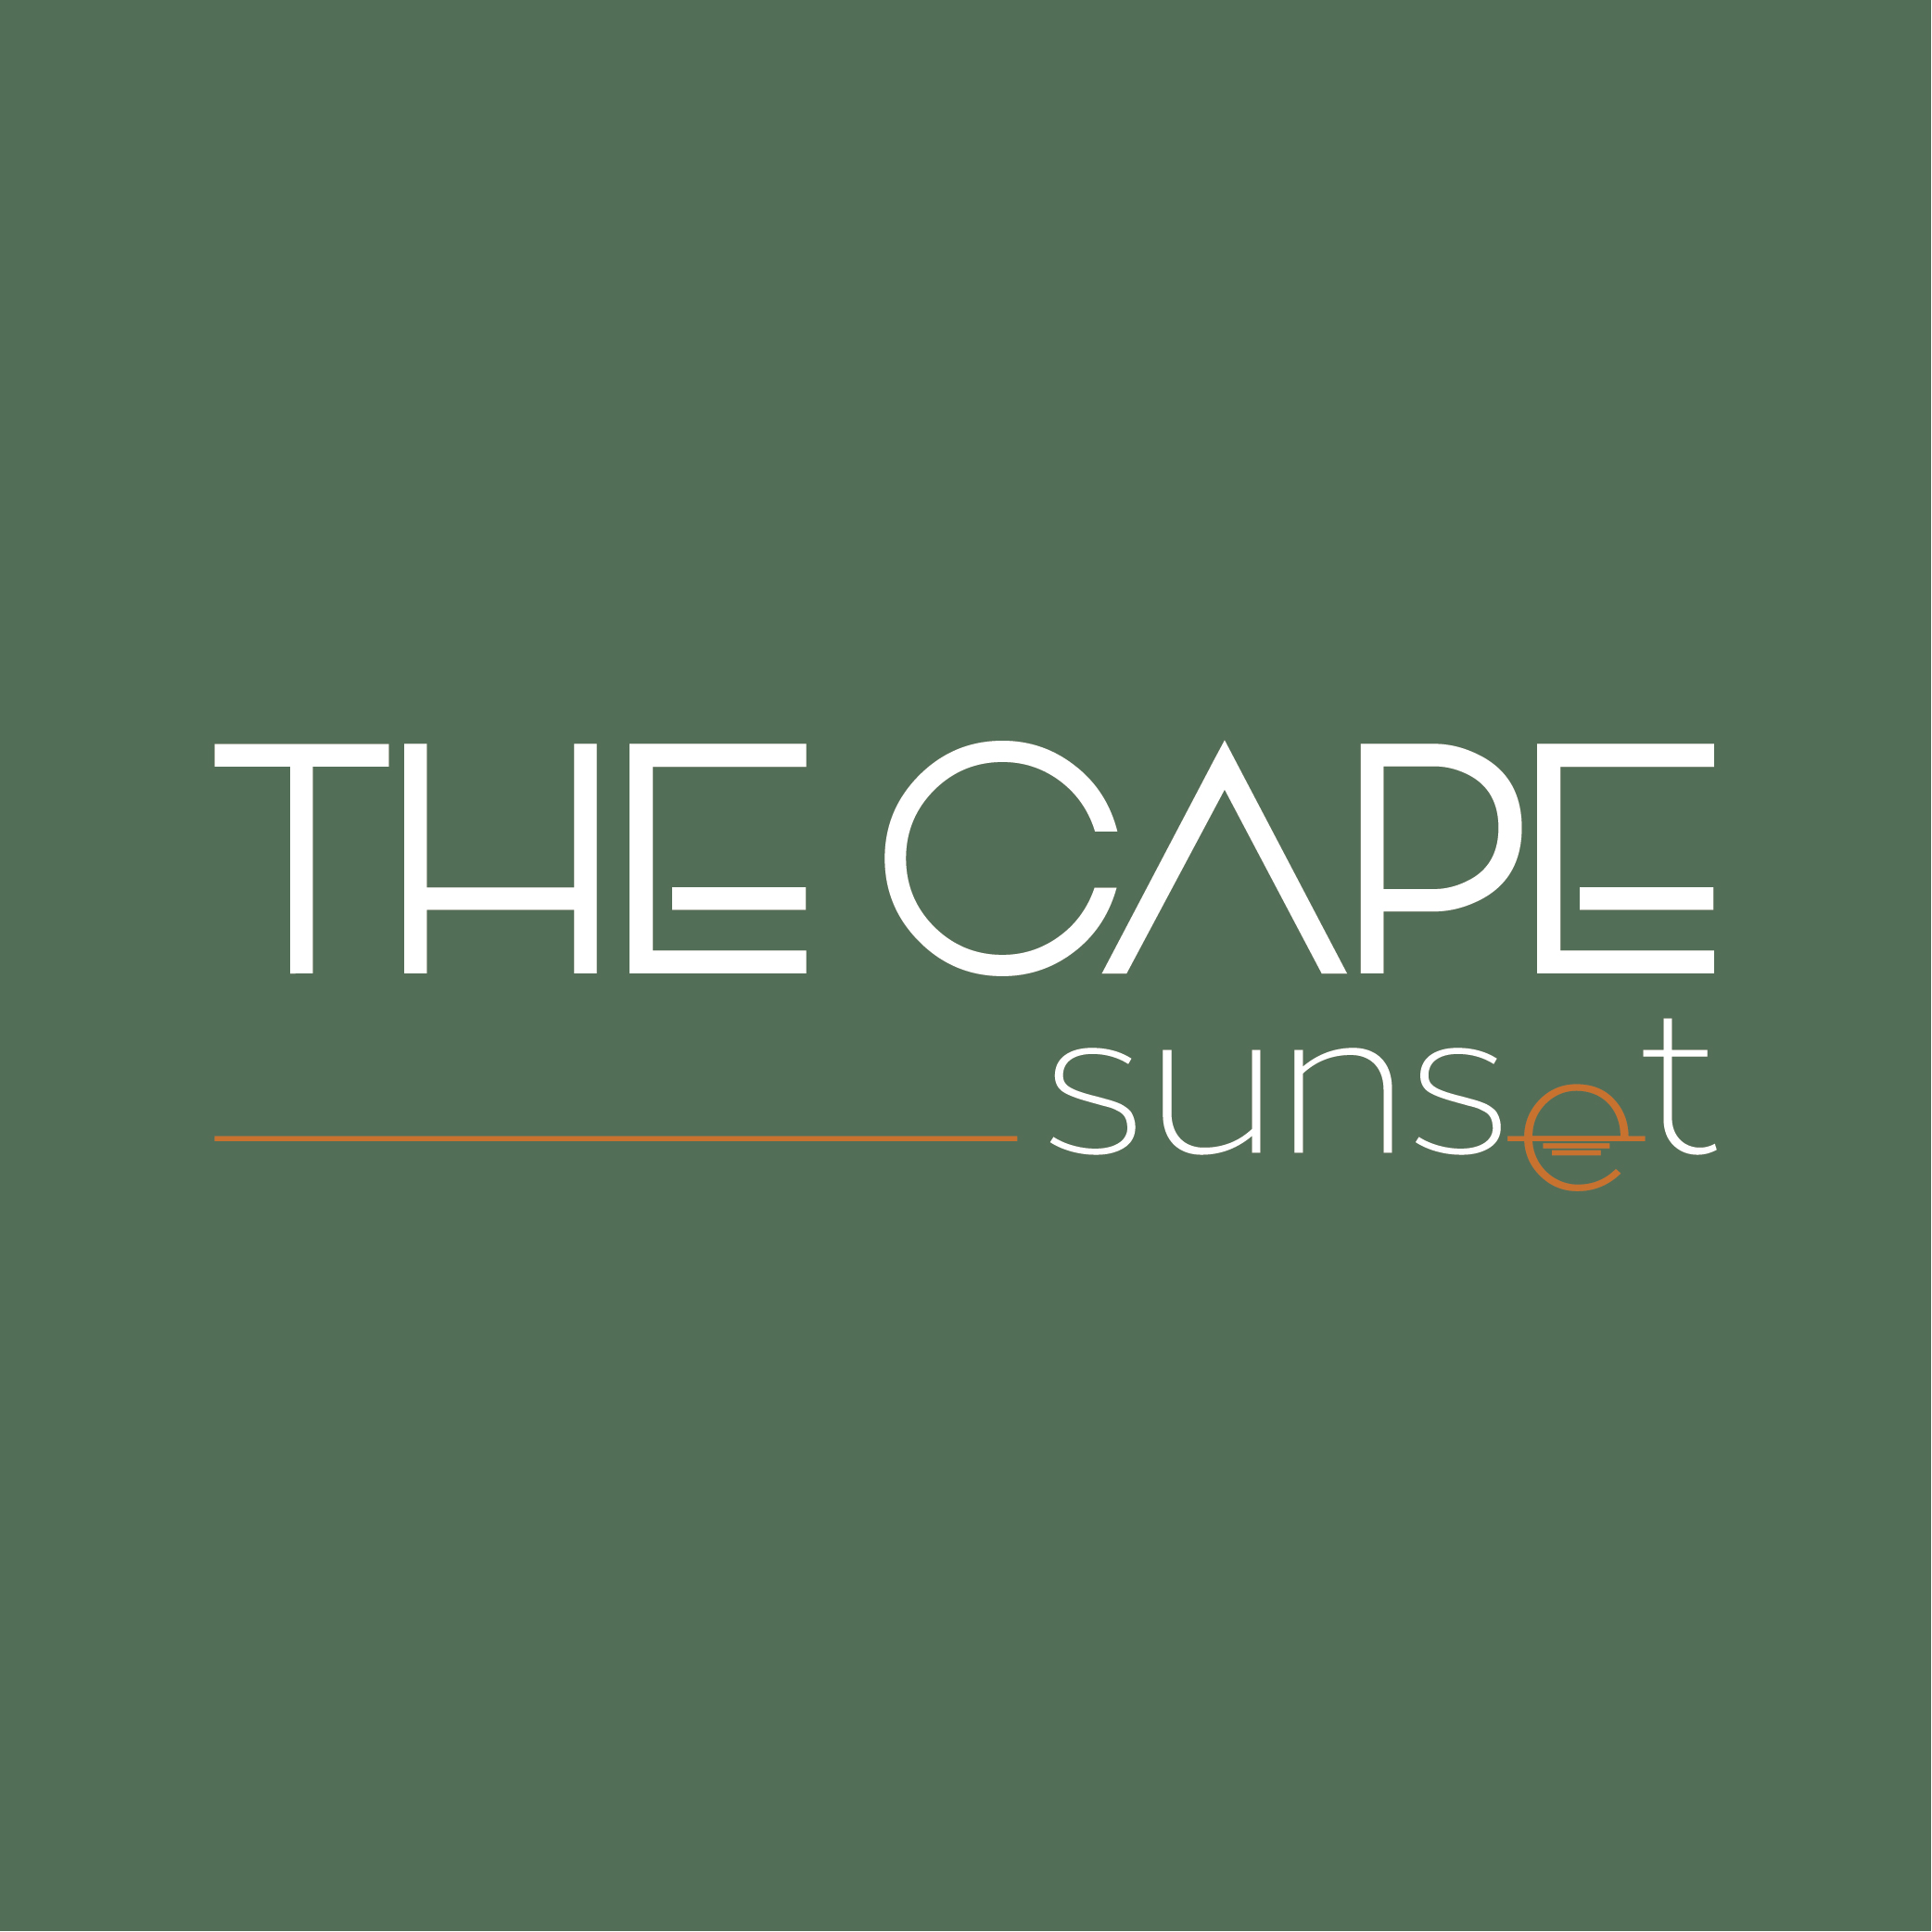 Creación de marca: The Cape Sunset